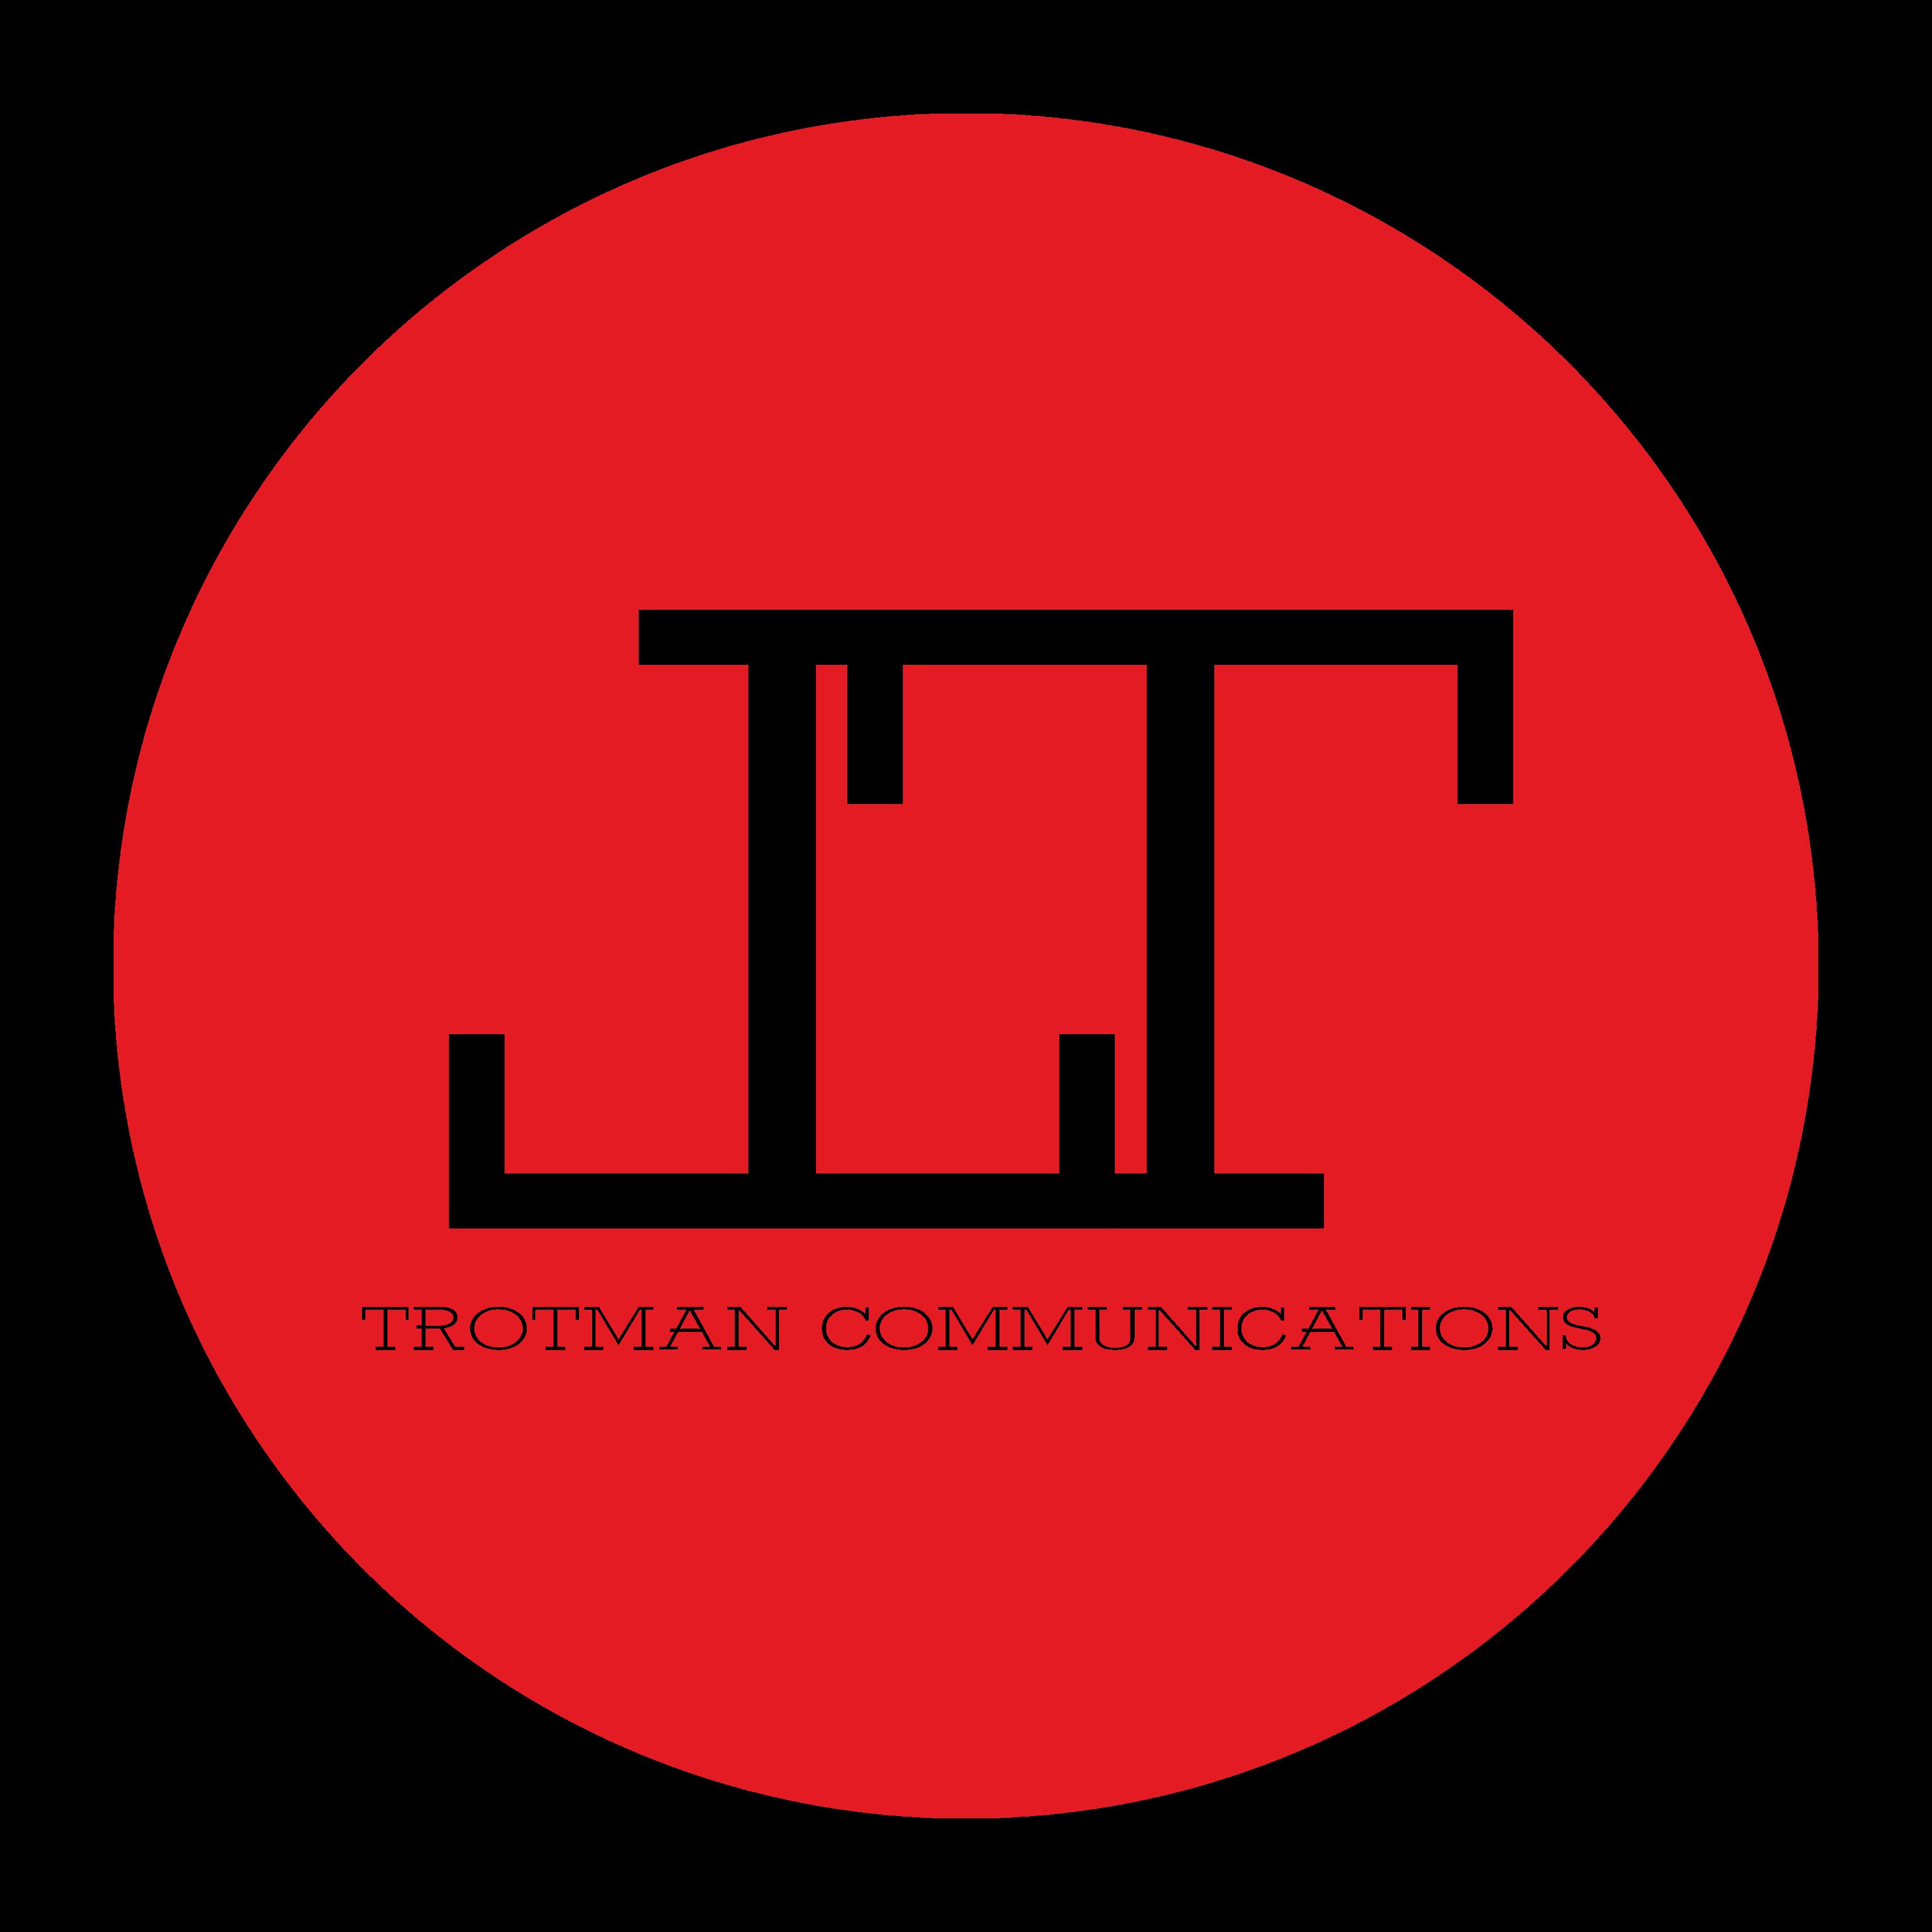 Trotman Communications